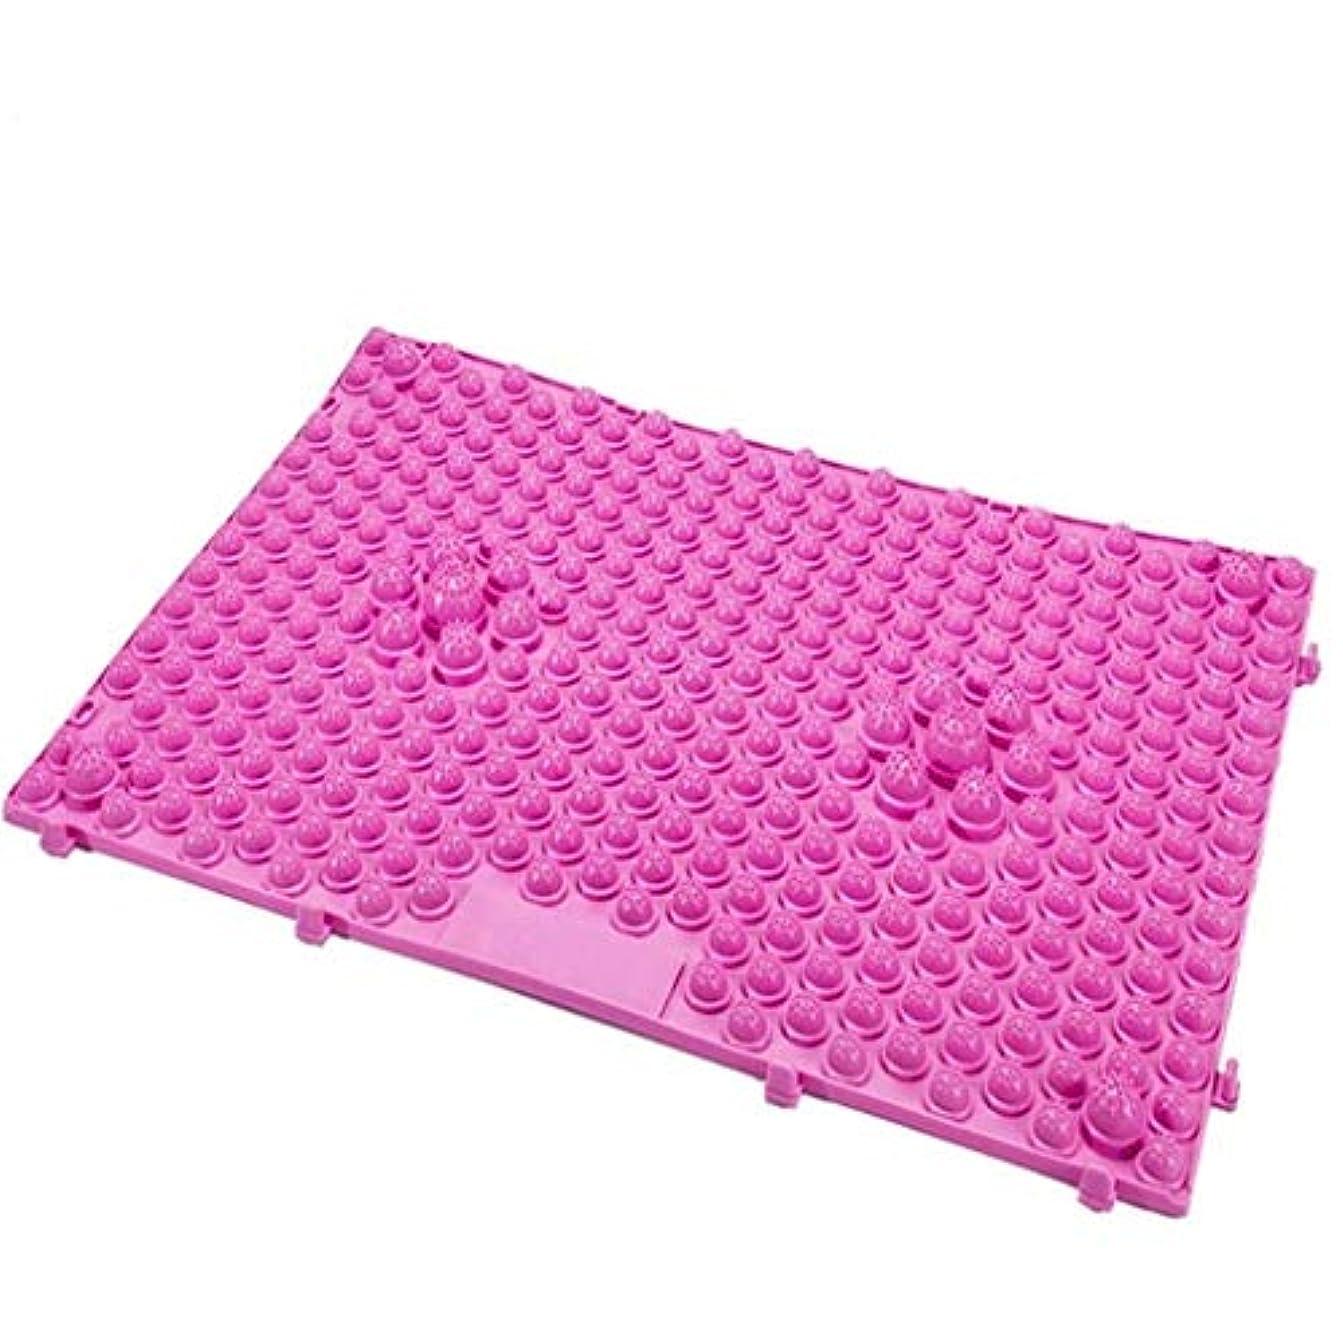 楽しむ傾斜改修するフットマッサージャー、フットマッサージ指圧パッド、フット/トーマッサージパッド、バスルームマット/ヨガマット/スポーツマット (Color : ピンク)